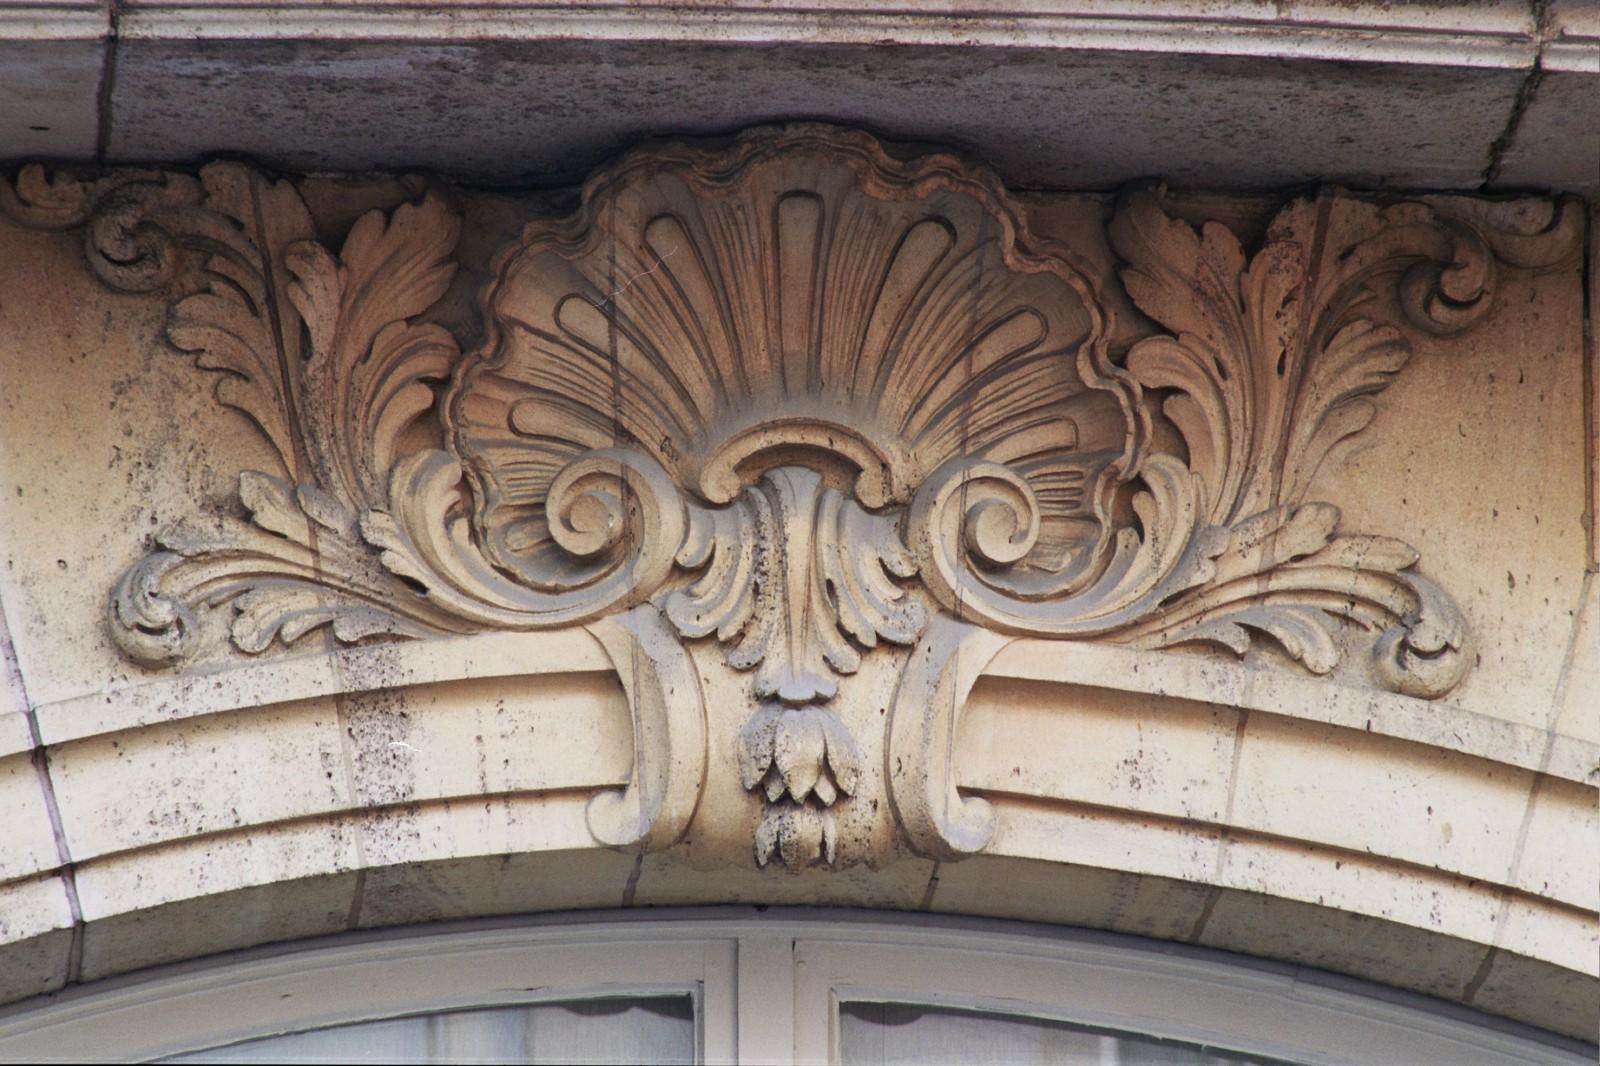 Clef surmontée d\'une coquille, rue Blanche 27, Saint-Gilles, 1924, architectes Ch. Lefèvre, J. Duhayon et M. Julien., s.d.